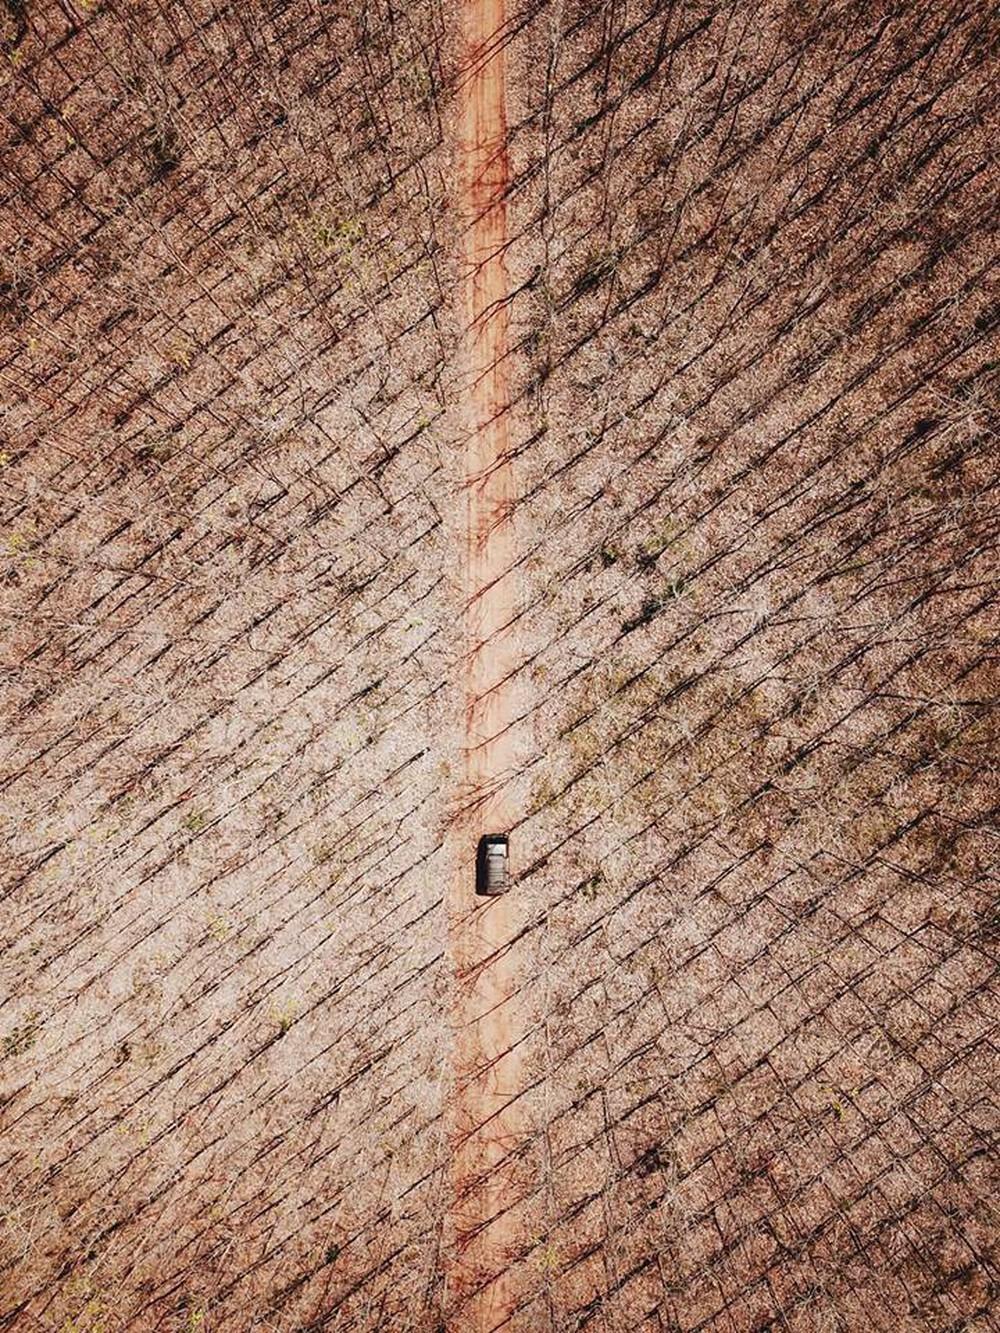 Ảnh độc: Có một Thái Lan bình yên và hút hồn đến bất ngờ khi nhìn từ trên cao - Ảnh 2.